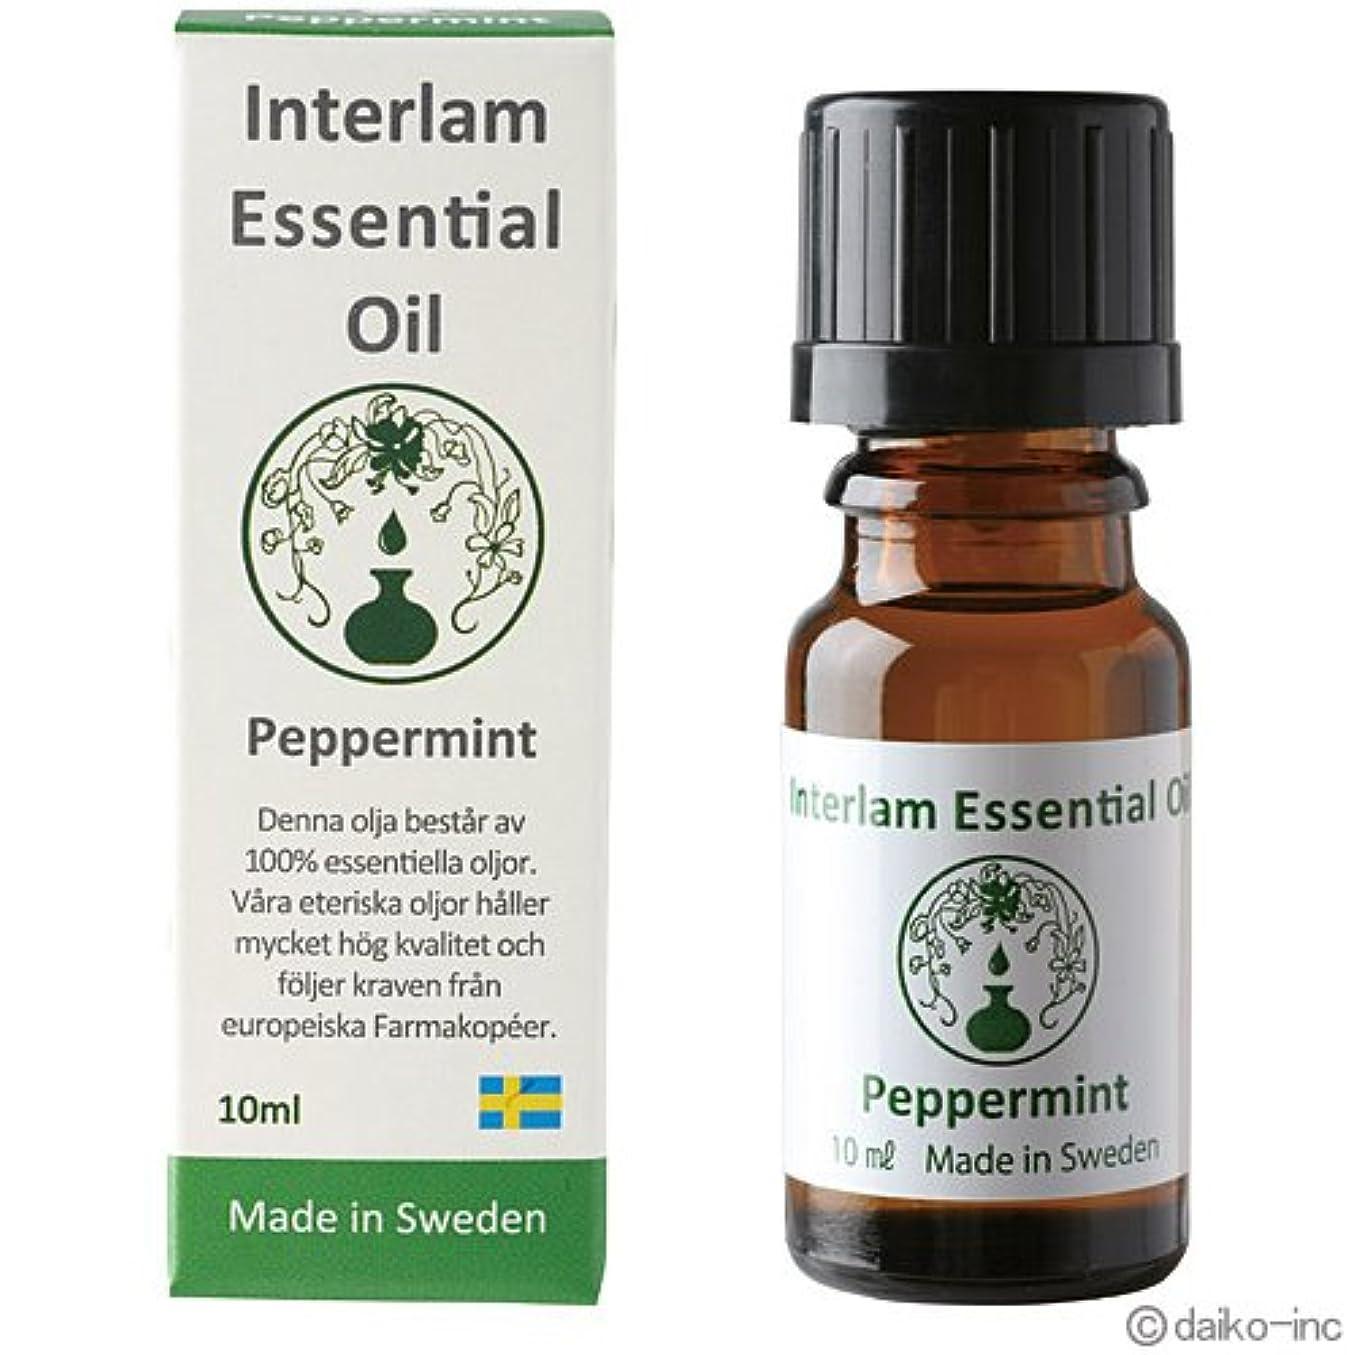 シェトランド諸島適合ホイッスルInterlam Essential Oil ペパーミント 10ml